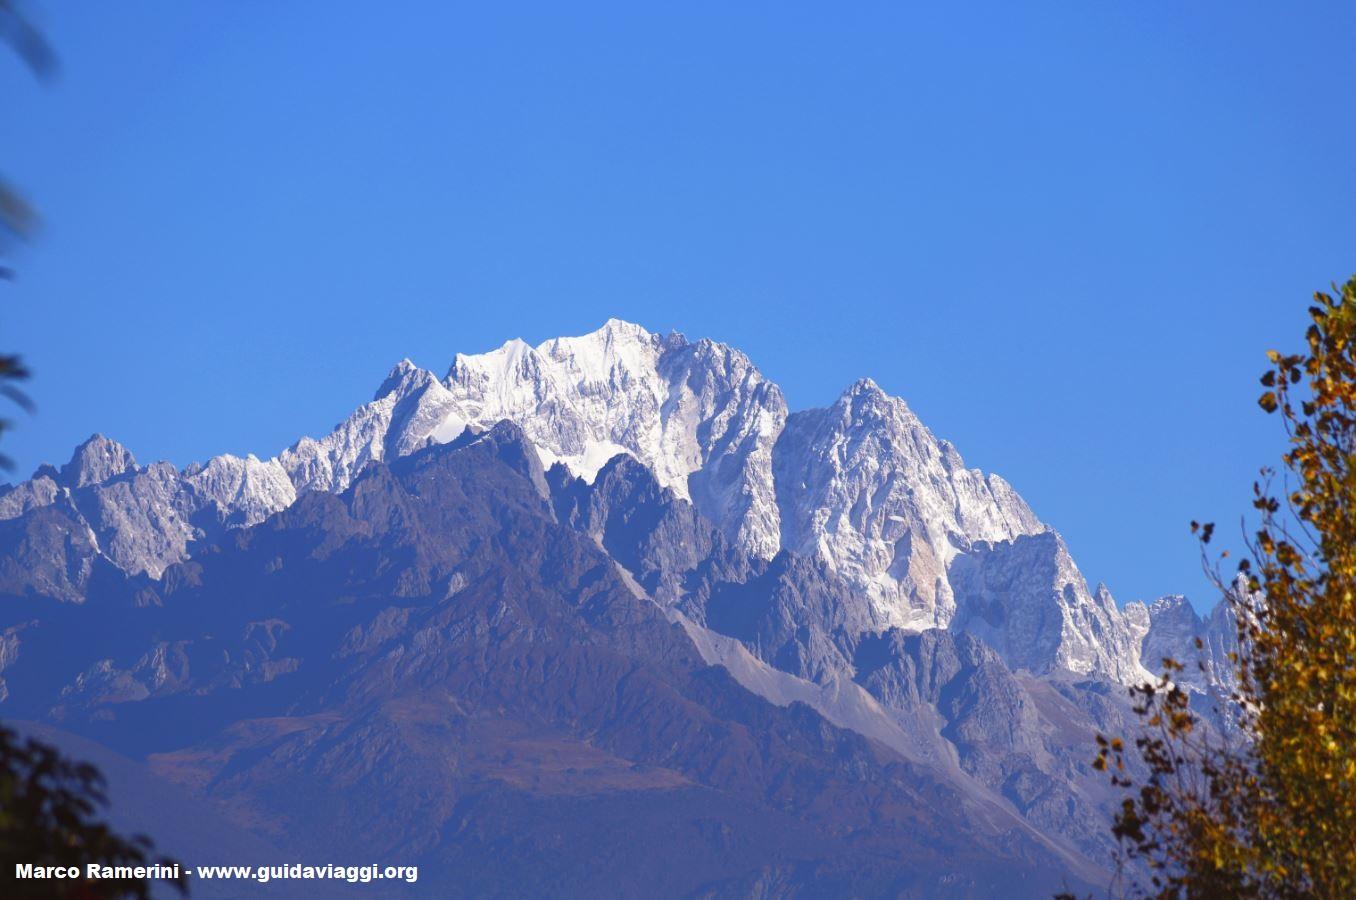 Montanha de Neve Dragão de Jade (Yulongxue Shan), Yunnan, China. Autor e Copyright Marco Ramerini